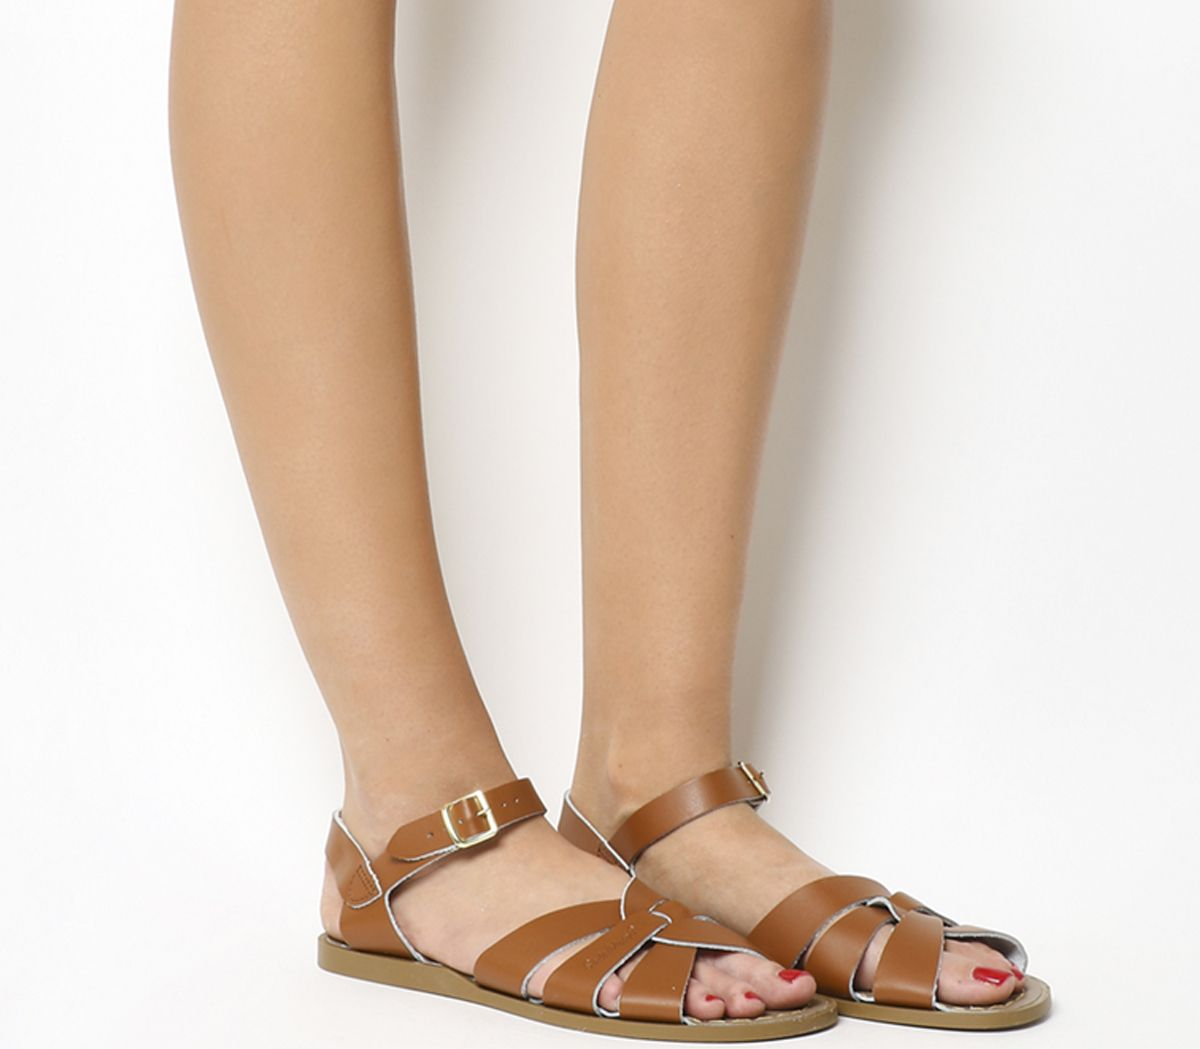 d4c558309 Salt Water Original Sandals Tan Leather - Sandals